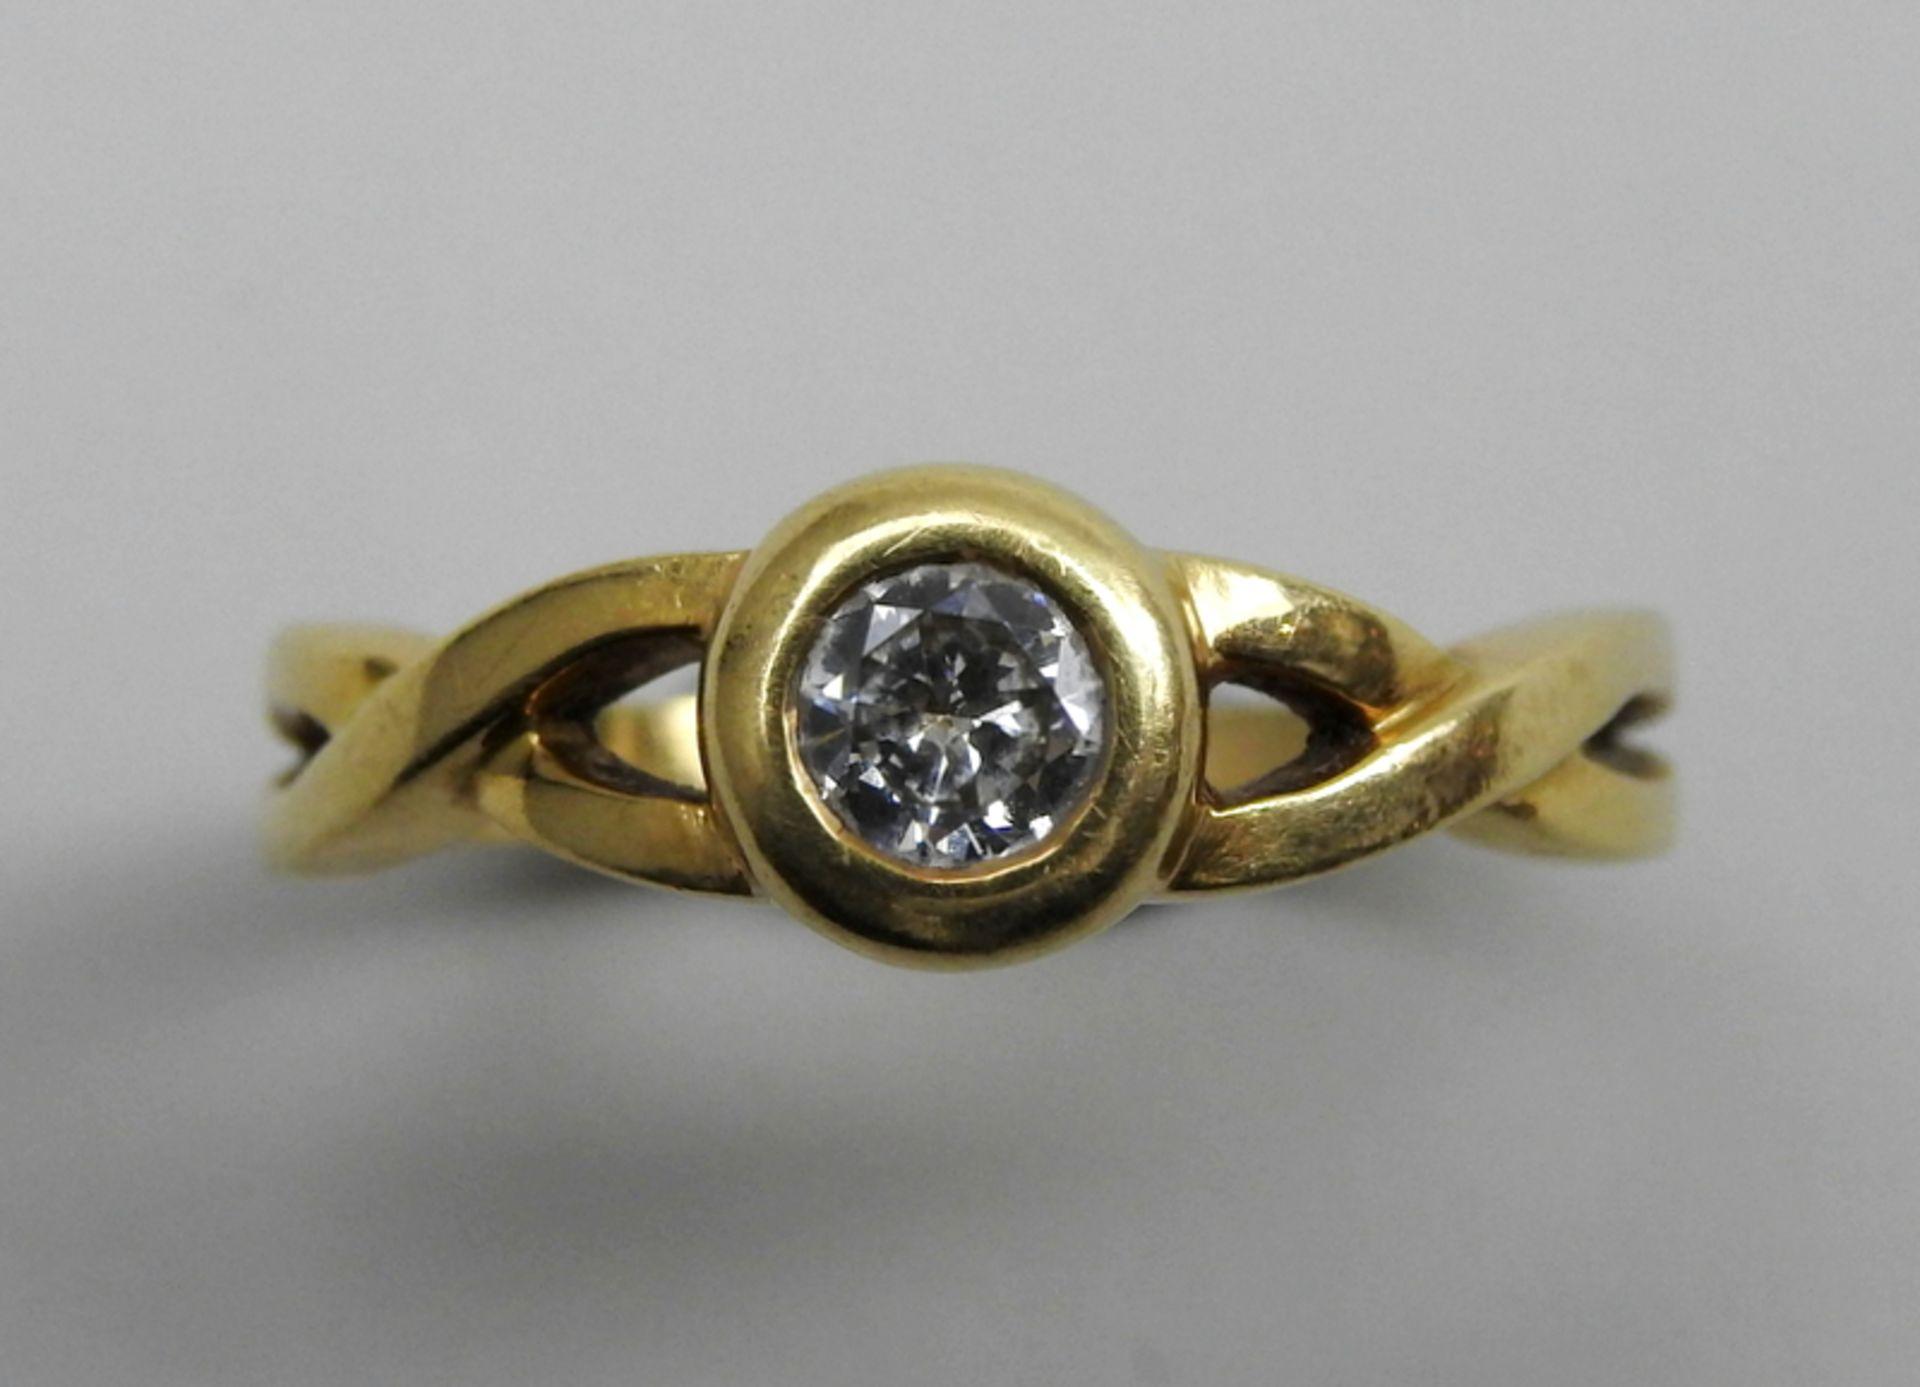 Schwerer Diamant-Ring18 K. Gelbgold. Herren-Ring mit zentralem Diamant-Besatz von ca. - Image 4 of 6